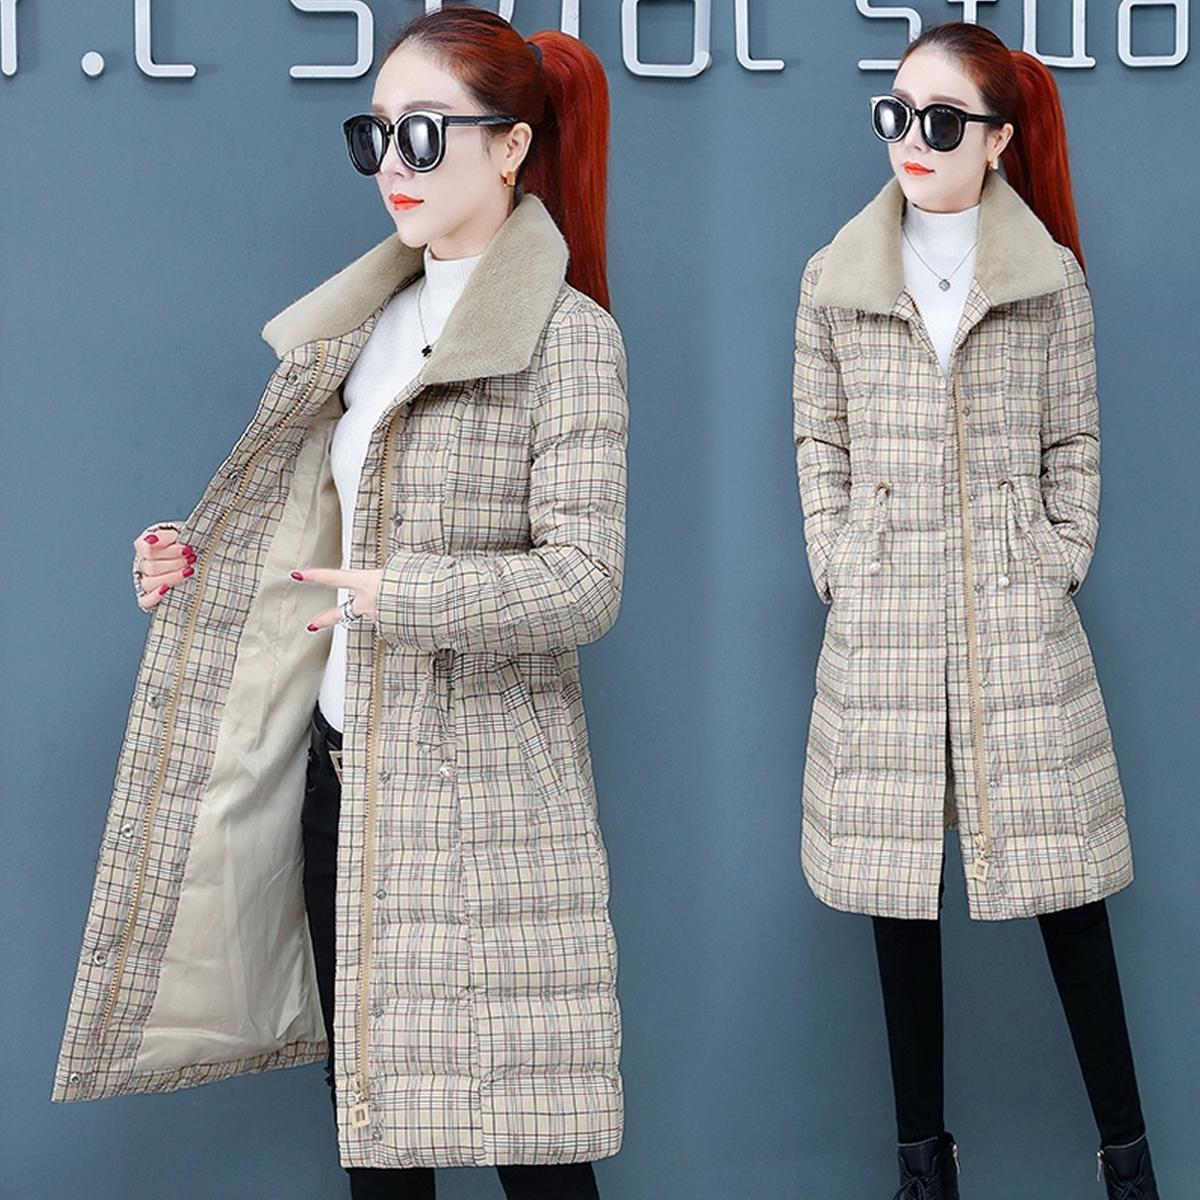 2020新款冬天女土羽绒棉服网红棉衣中长款格子修身派克显瘦棉袄潮